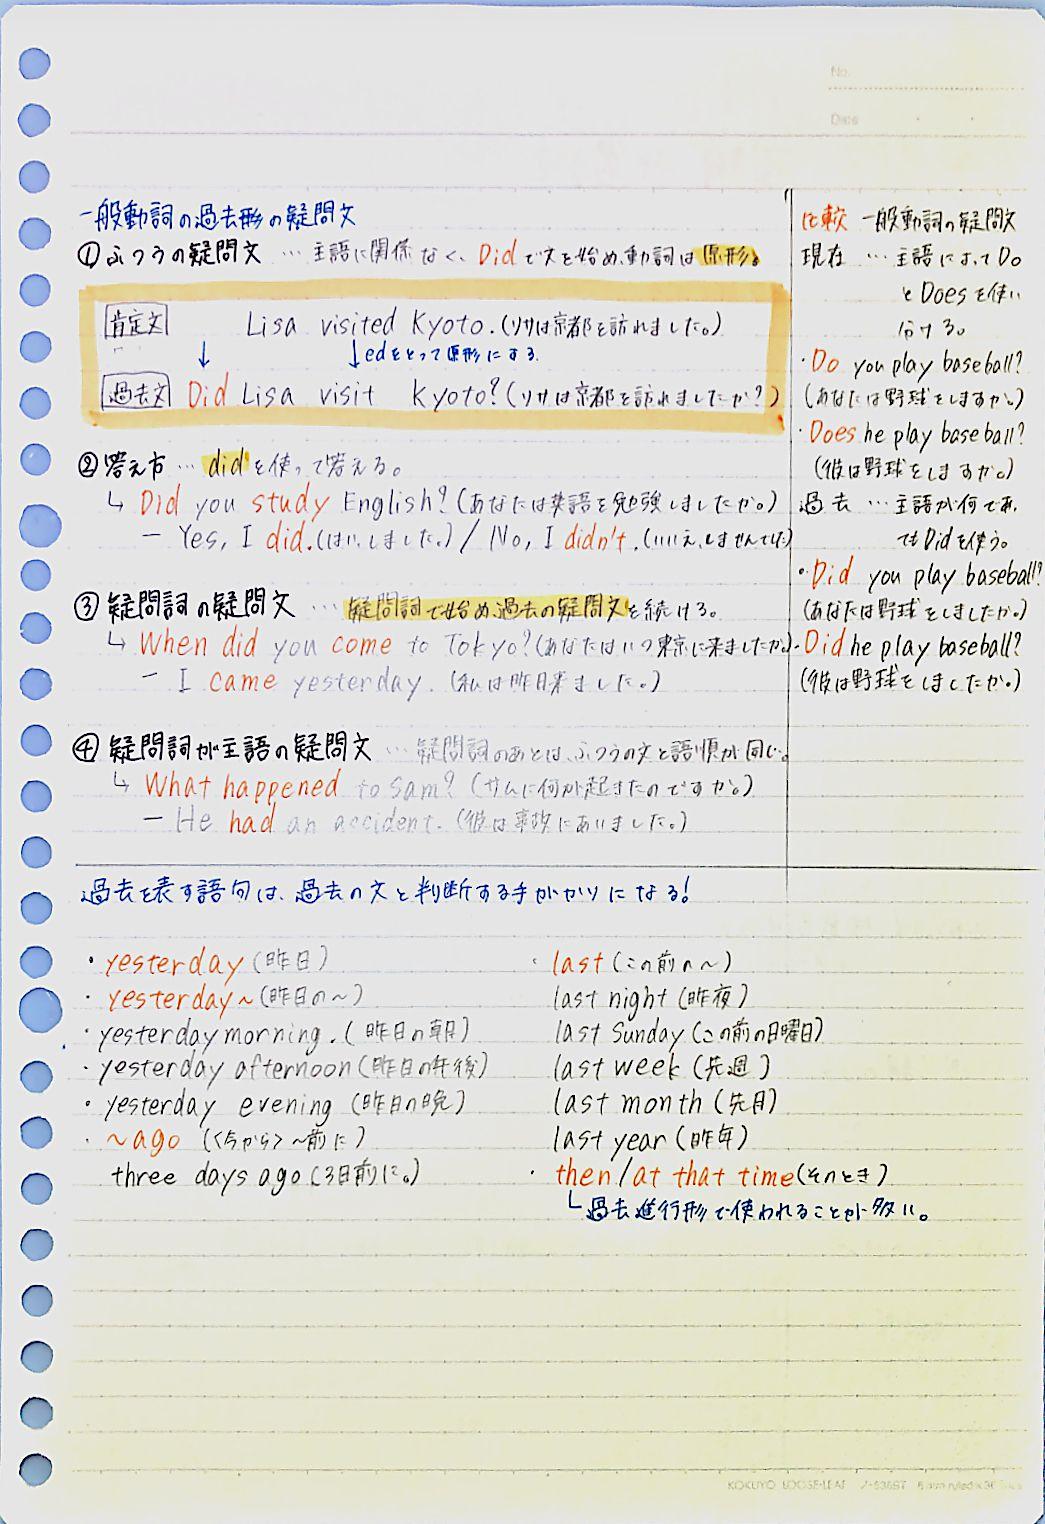 英語 文法まとめ Clear 2020 中学生 英語 文法 英語